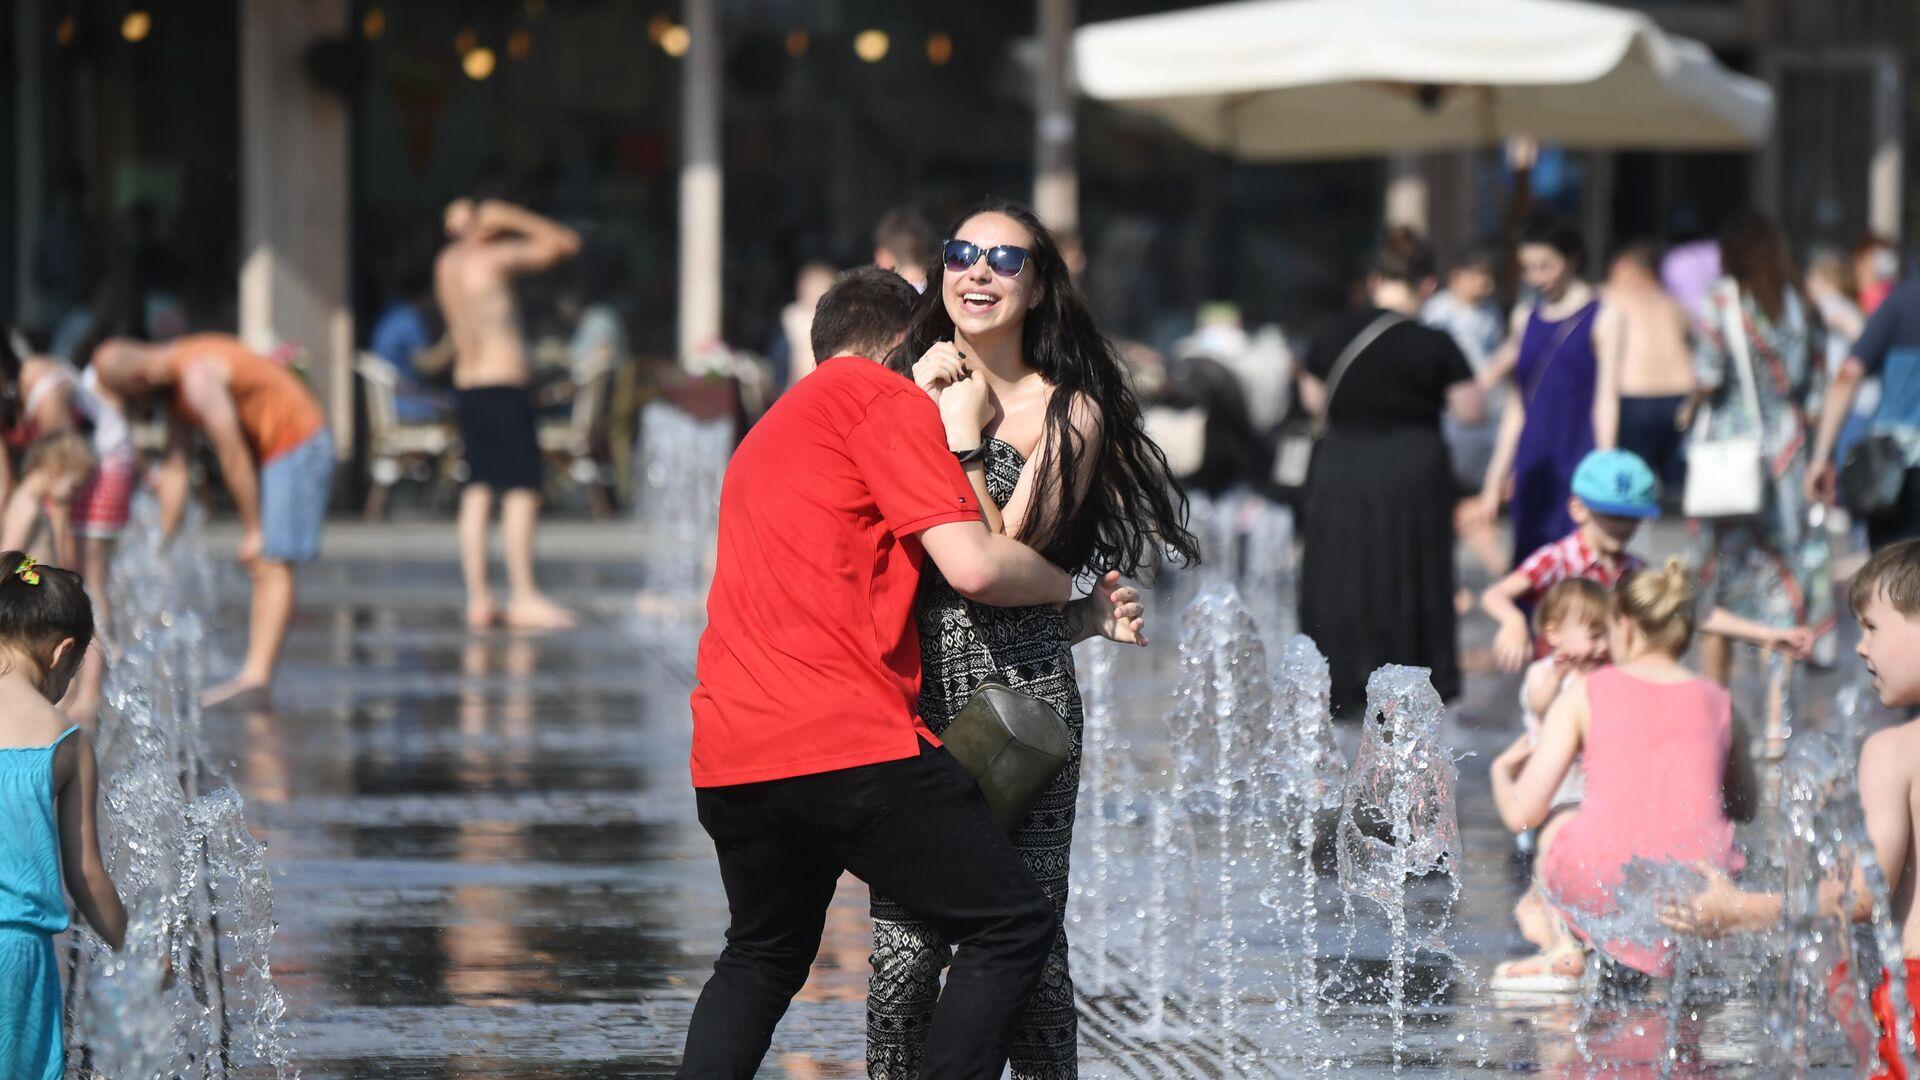 Молодые люди в жаркую погоду гуляют в фонтанах в ЦПКиО имени Горького в Москве - РИА Новости, 1920, 18.08.2021